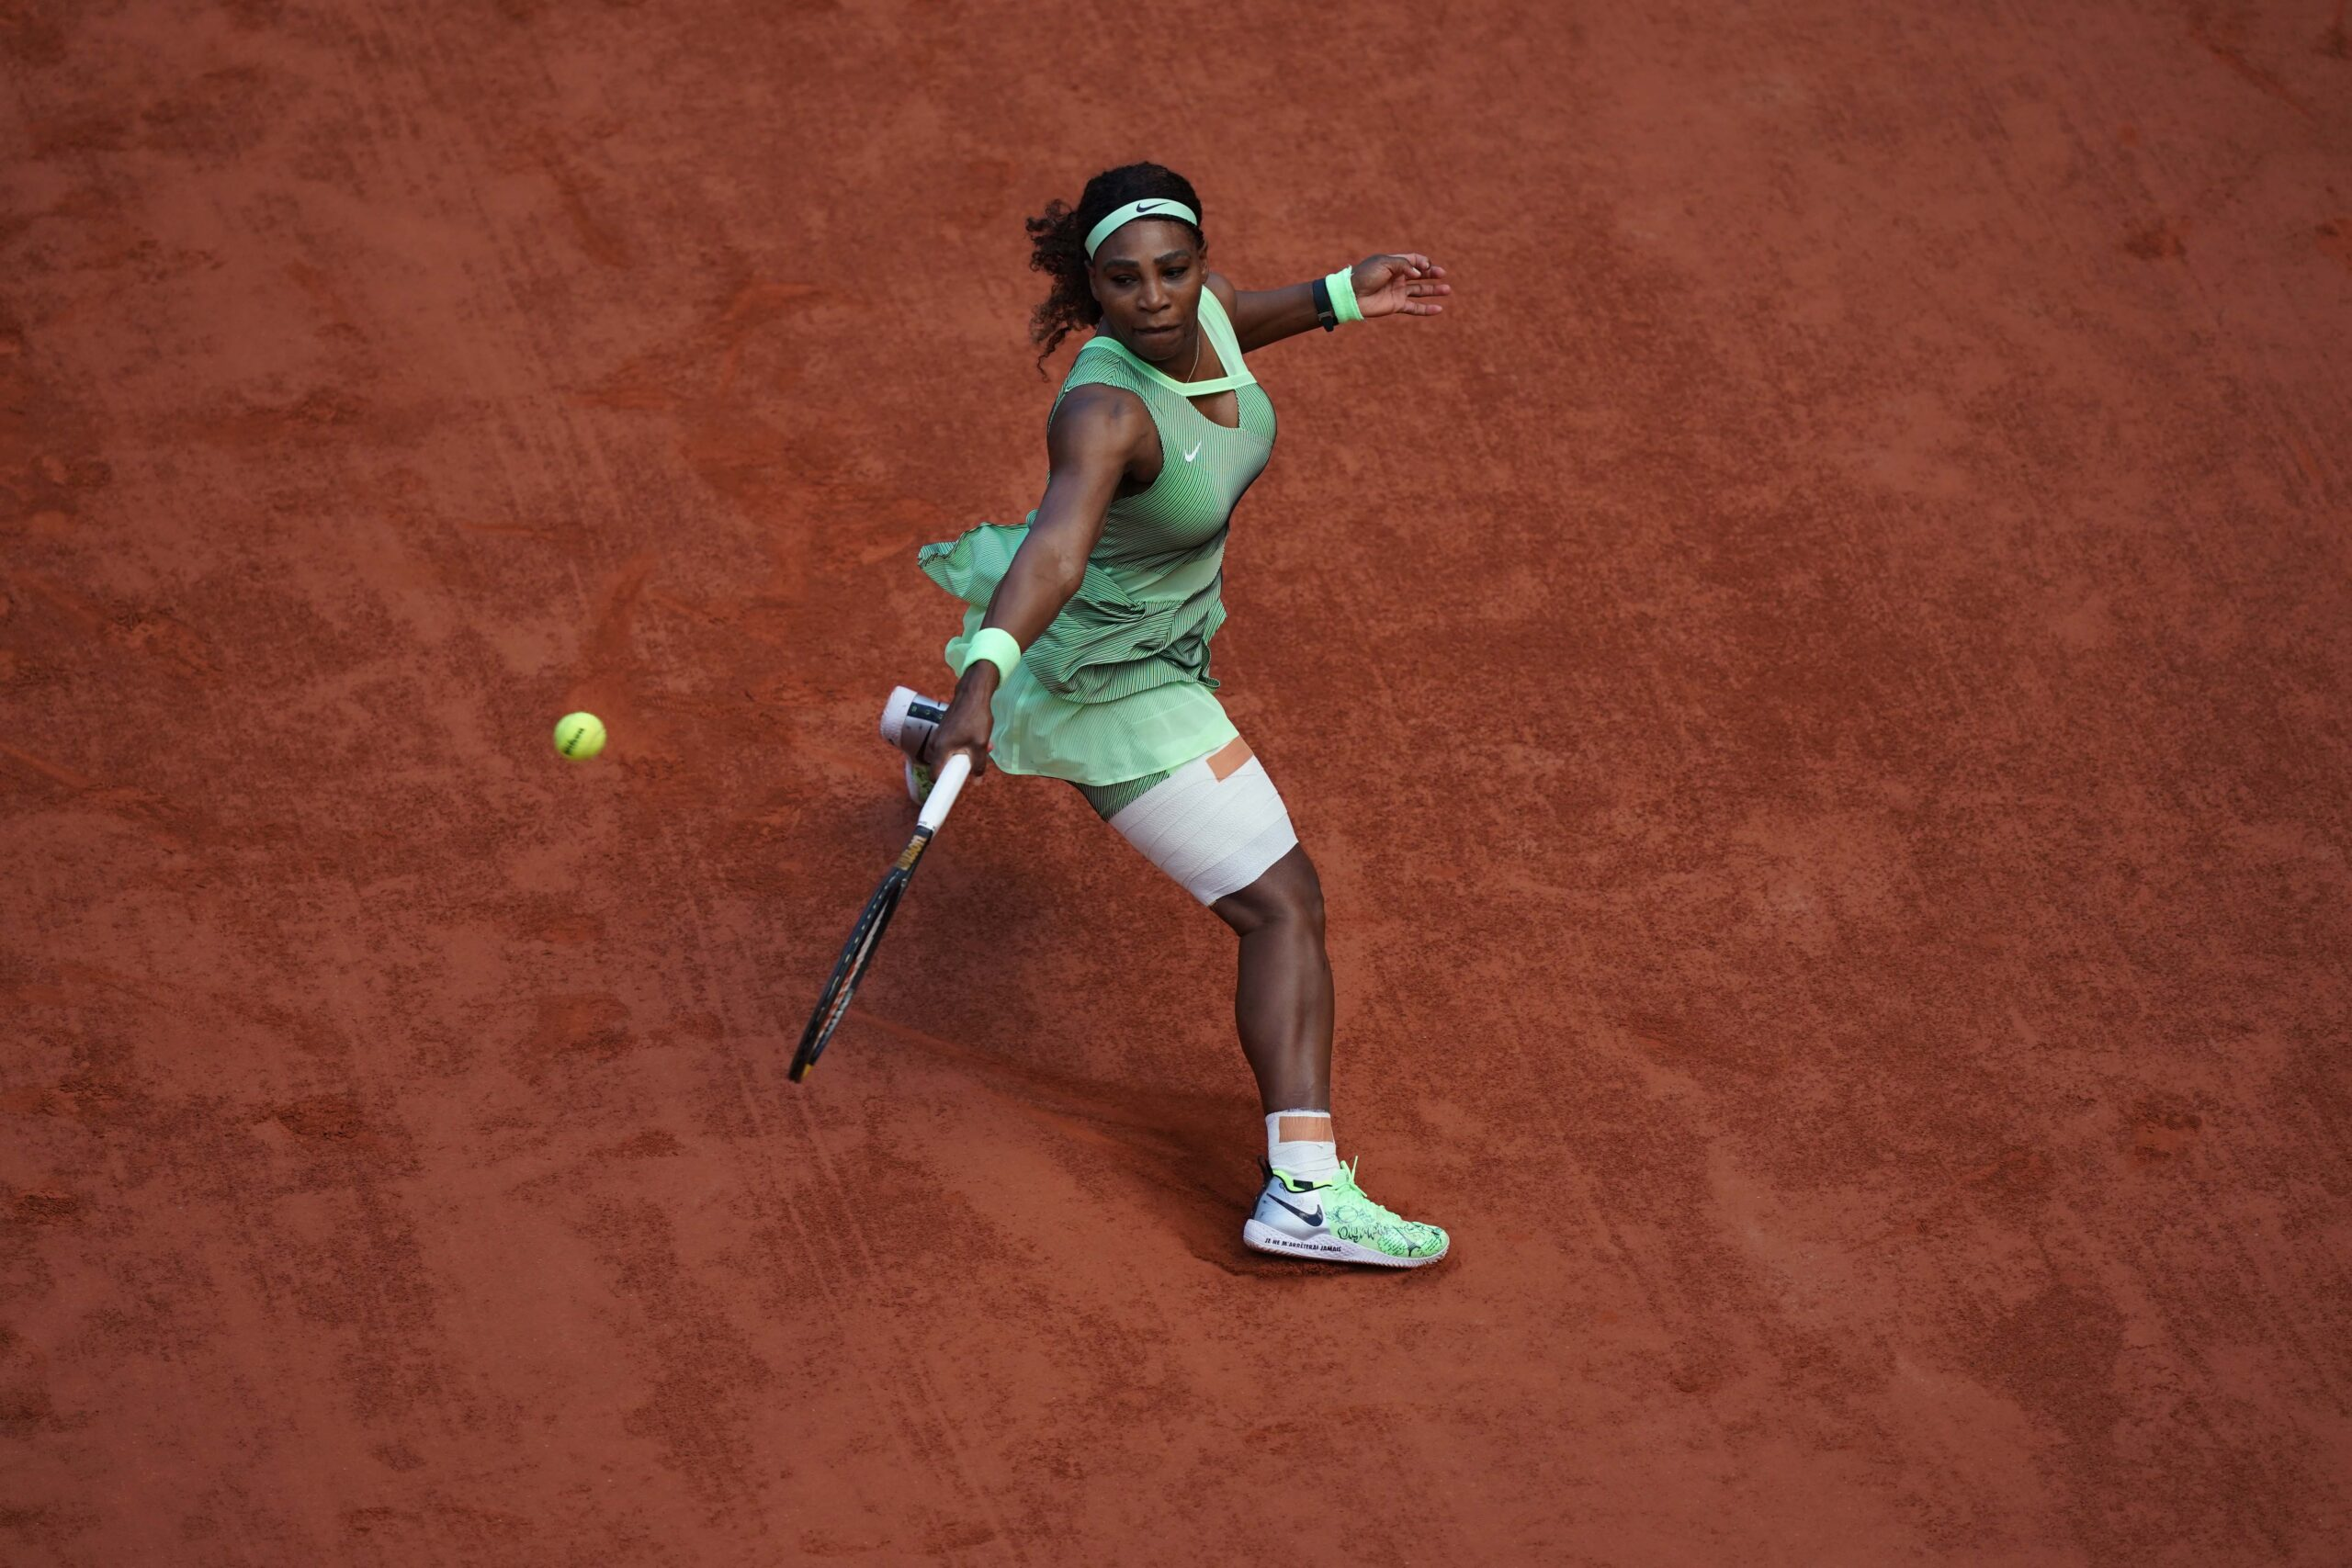 L'Américaine Serena Williams éliminée en huitièmes de finale à Roland-Garros